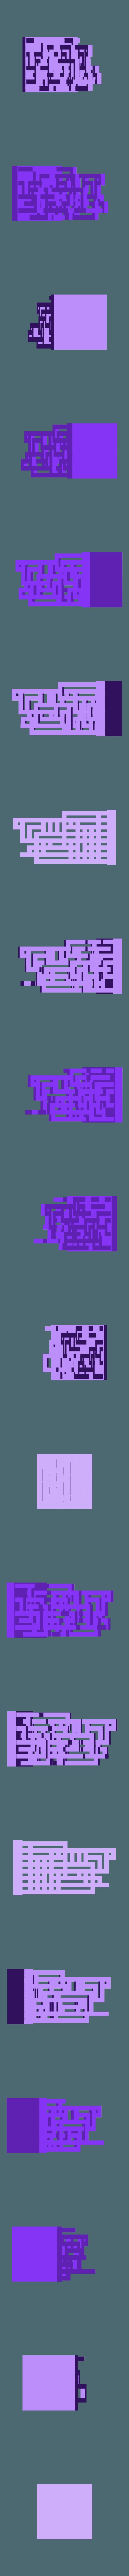 squared_3.stl Télécharger fichier STL gratuit Boucles de procédure • Design imprimable en 3D, ferjerez3d